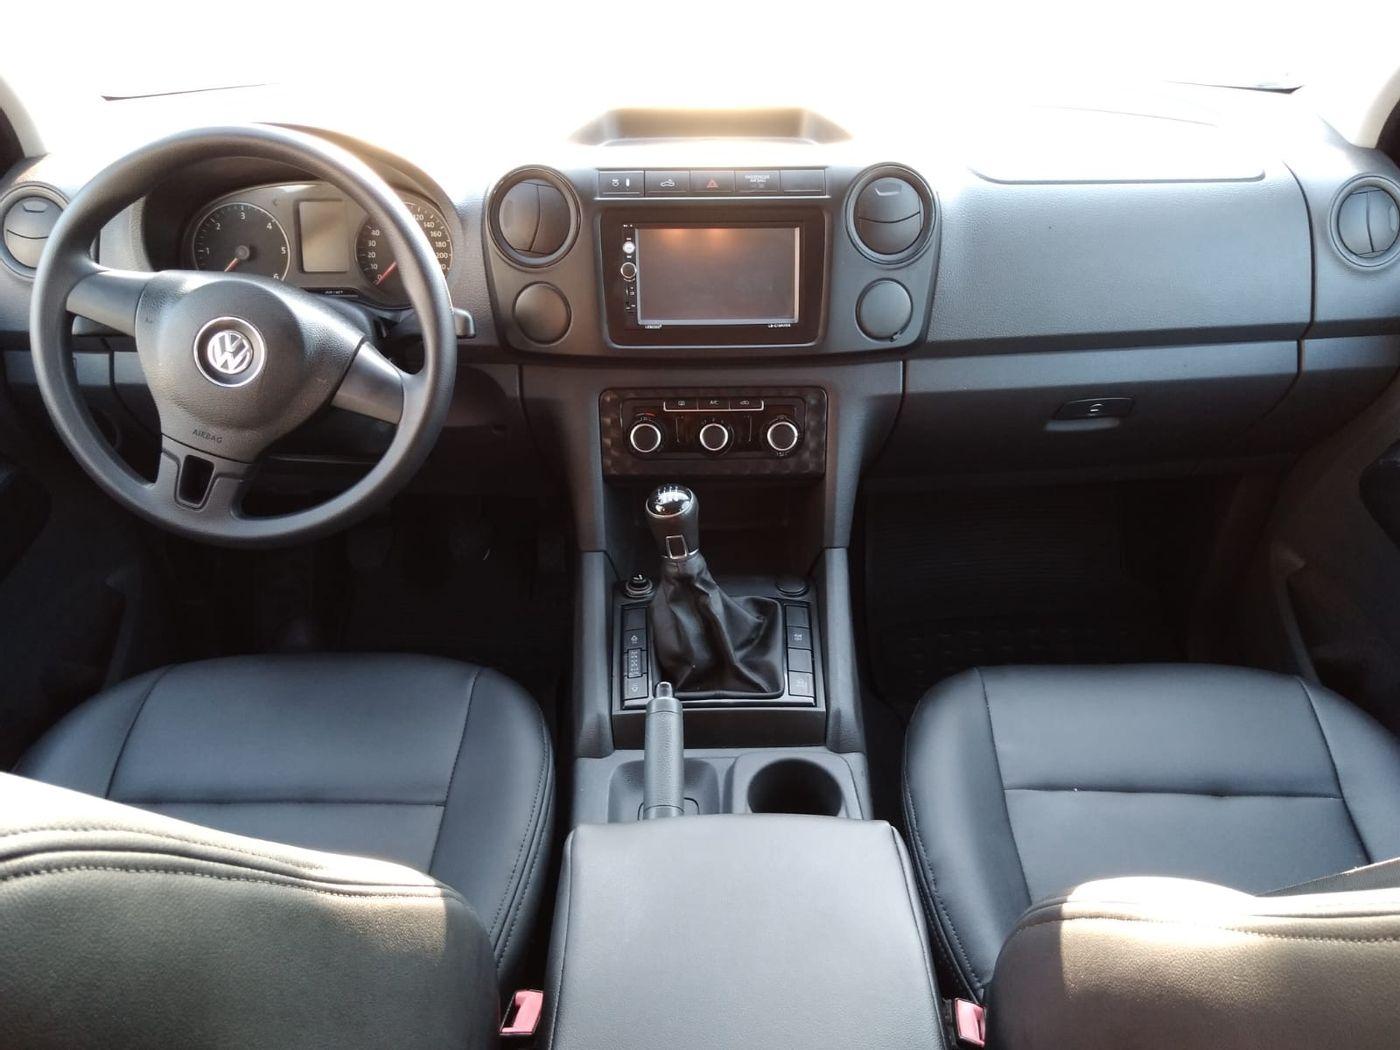 VolksWagen AMAROK CD2.0 16V/S CD2.0 16V TDI 4x4 Die